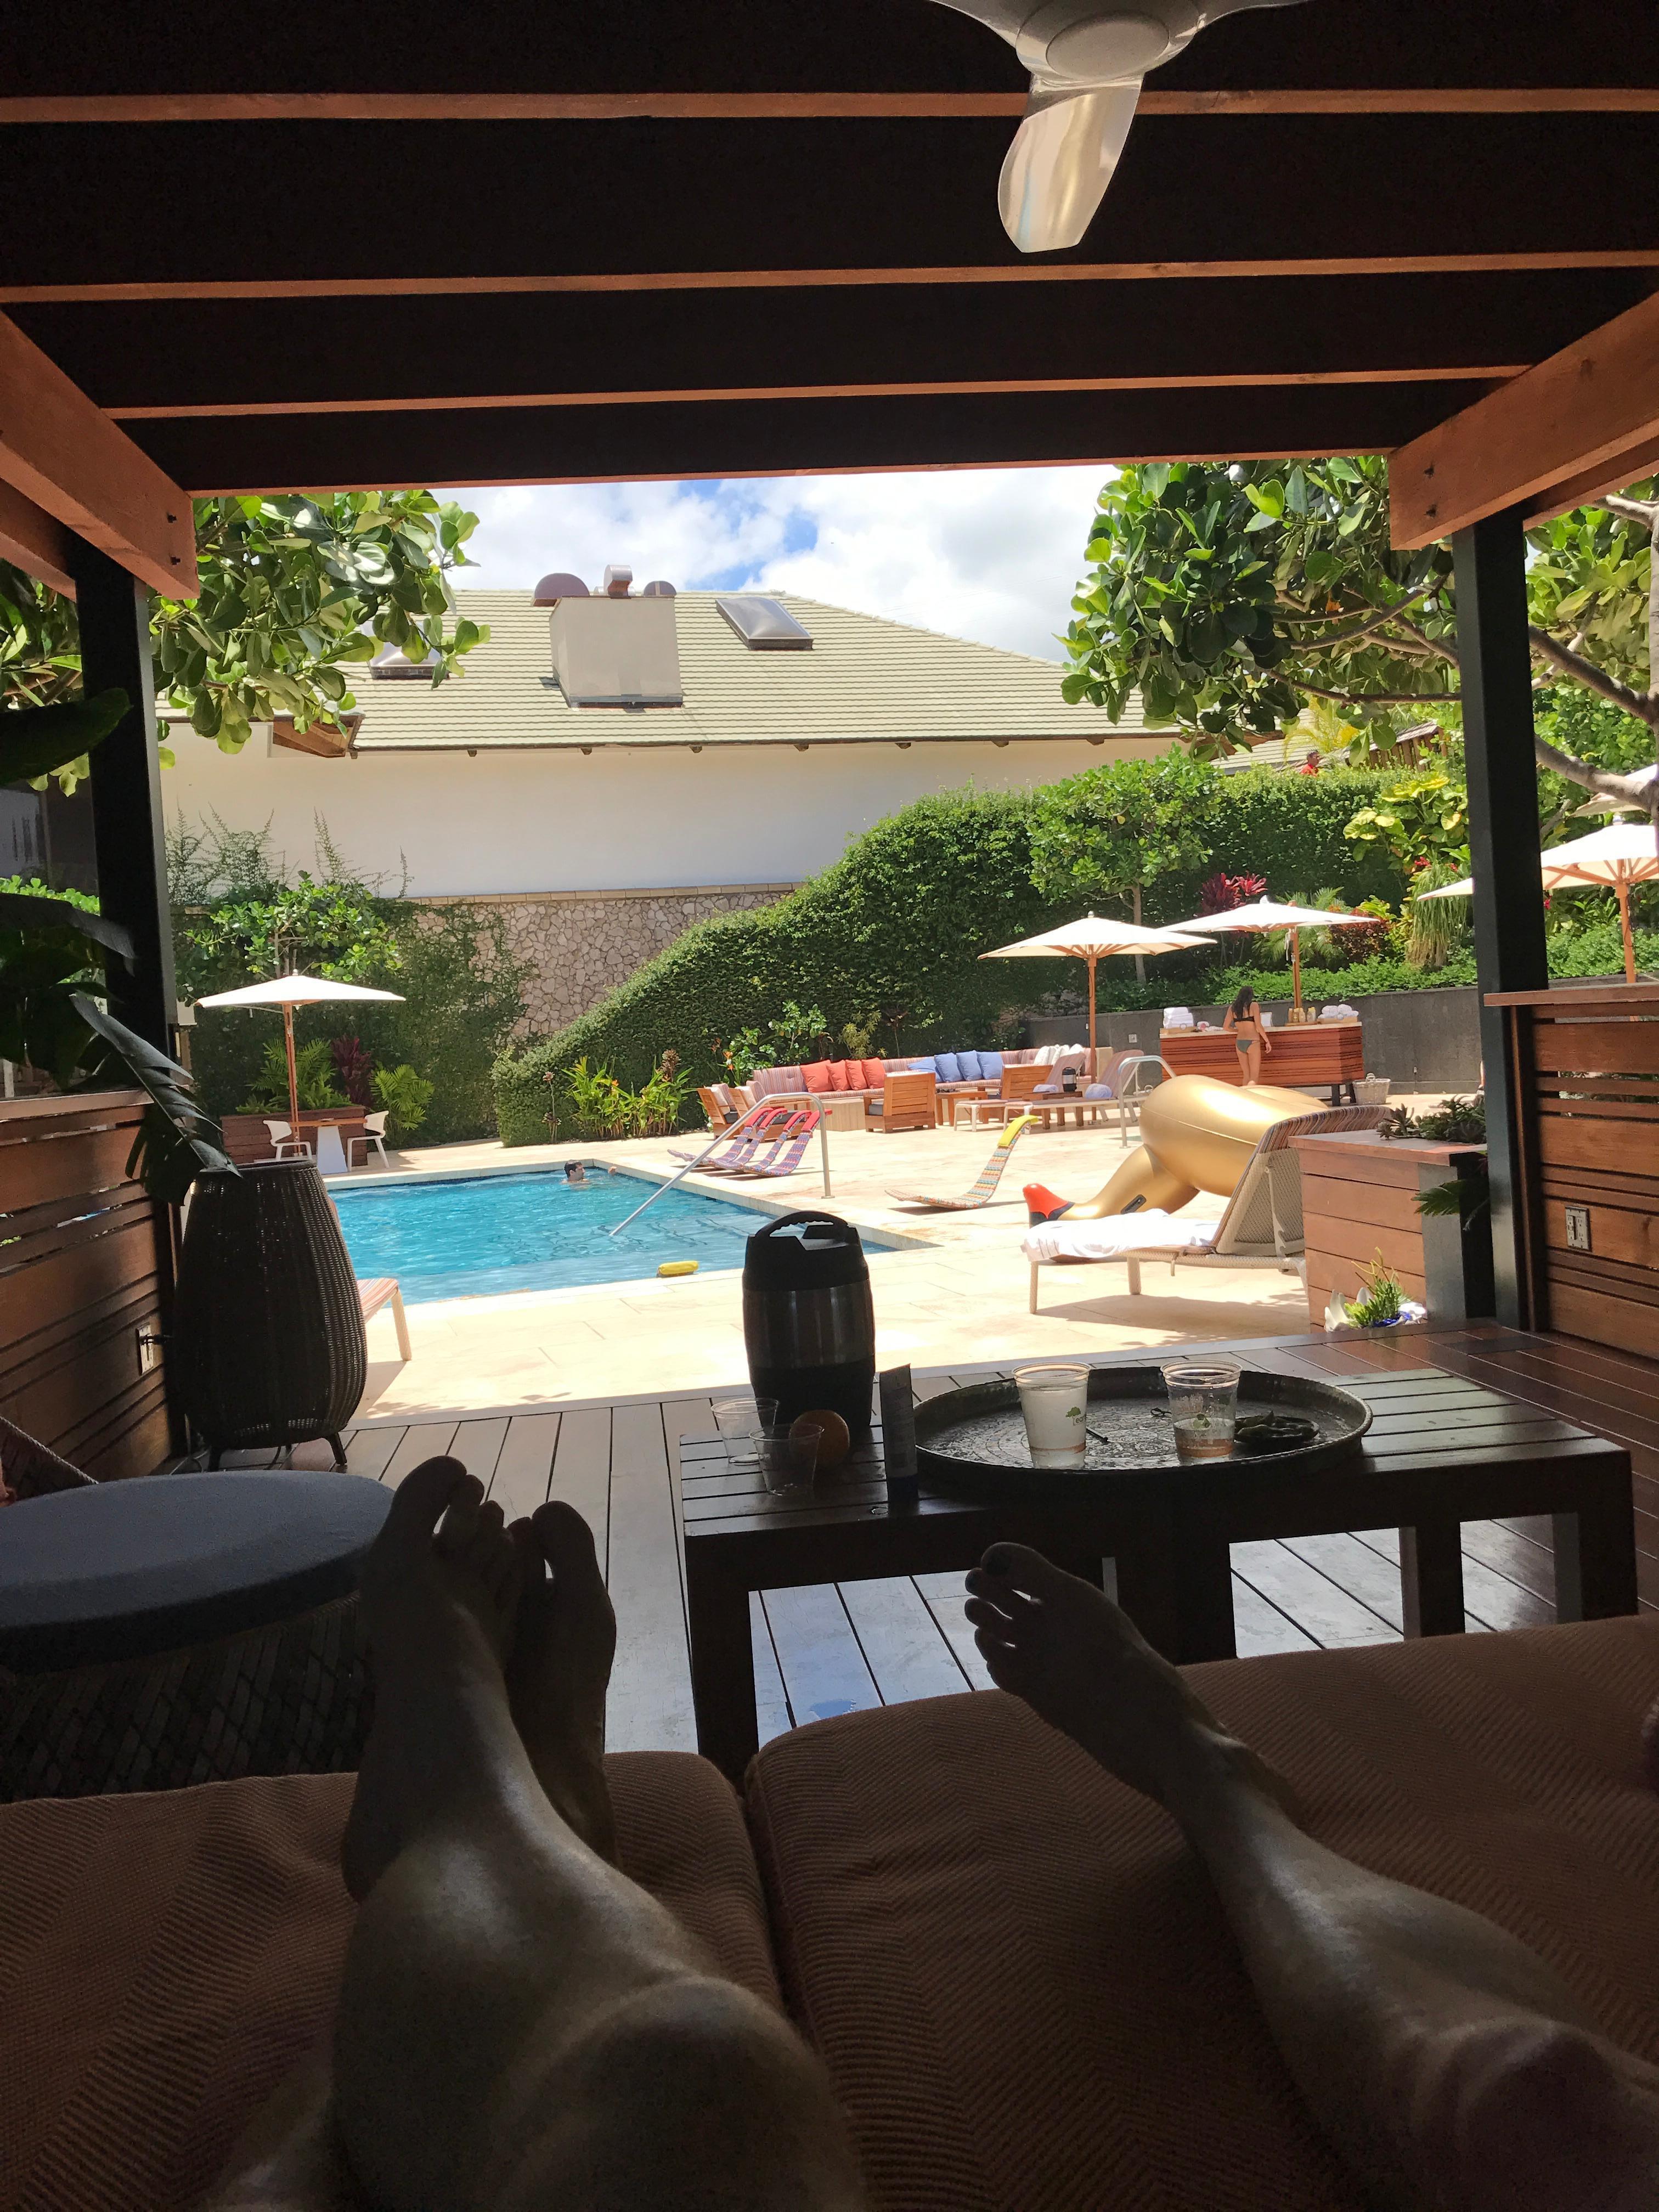 Cabana view.